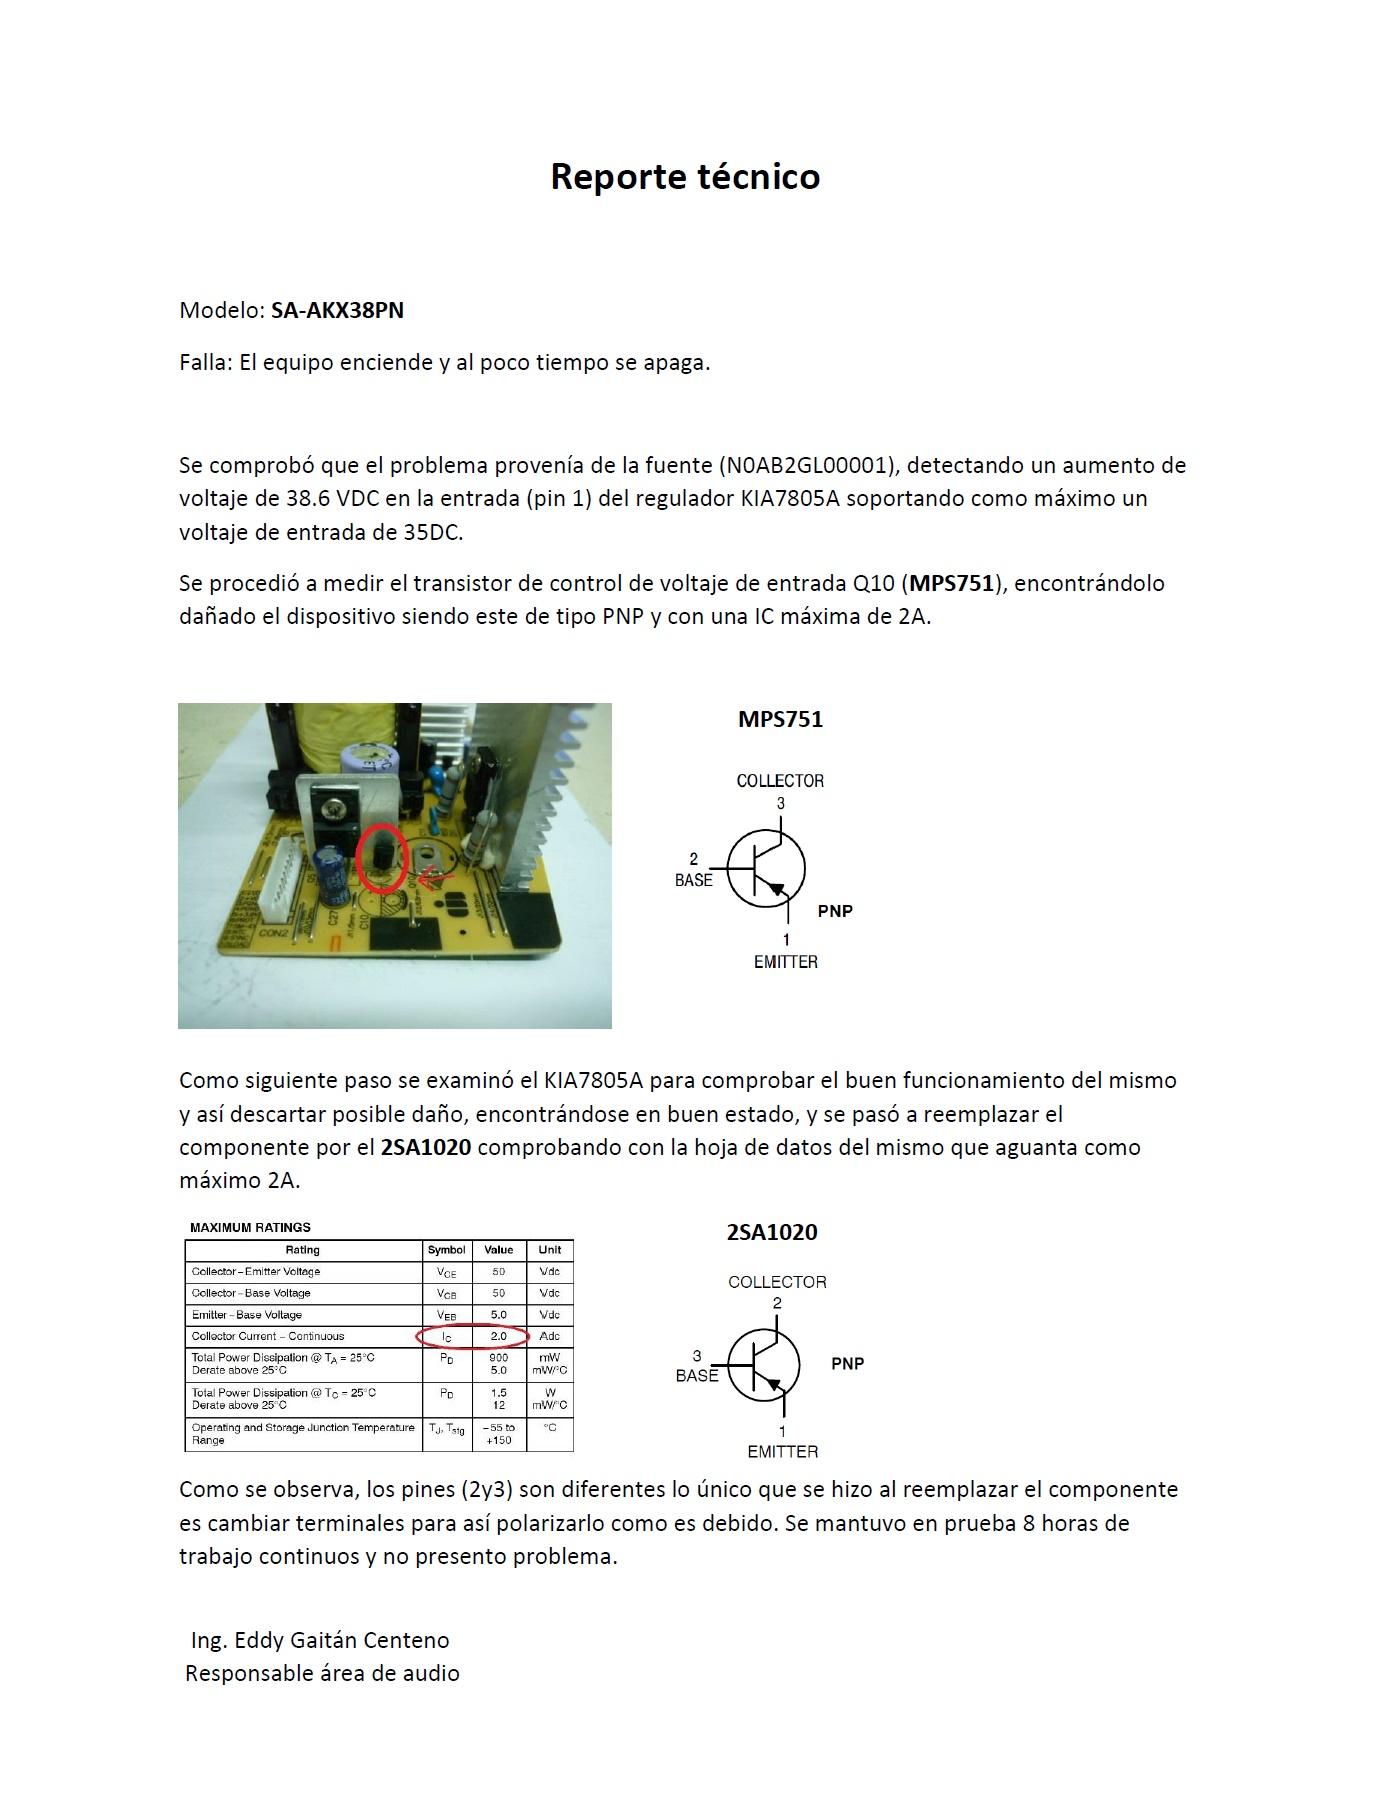 Solucionado  Equipo Sonido Panasonic Modelo Sa